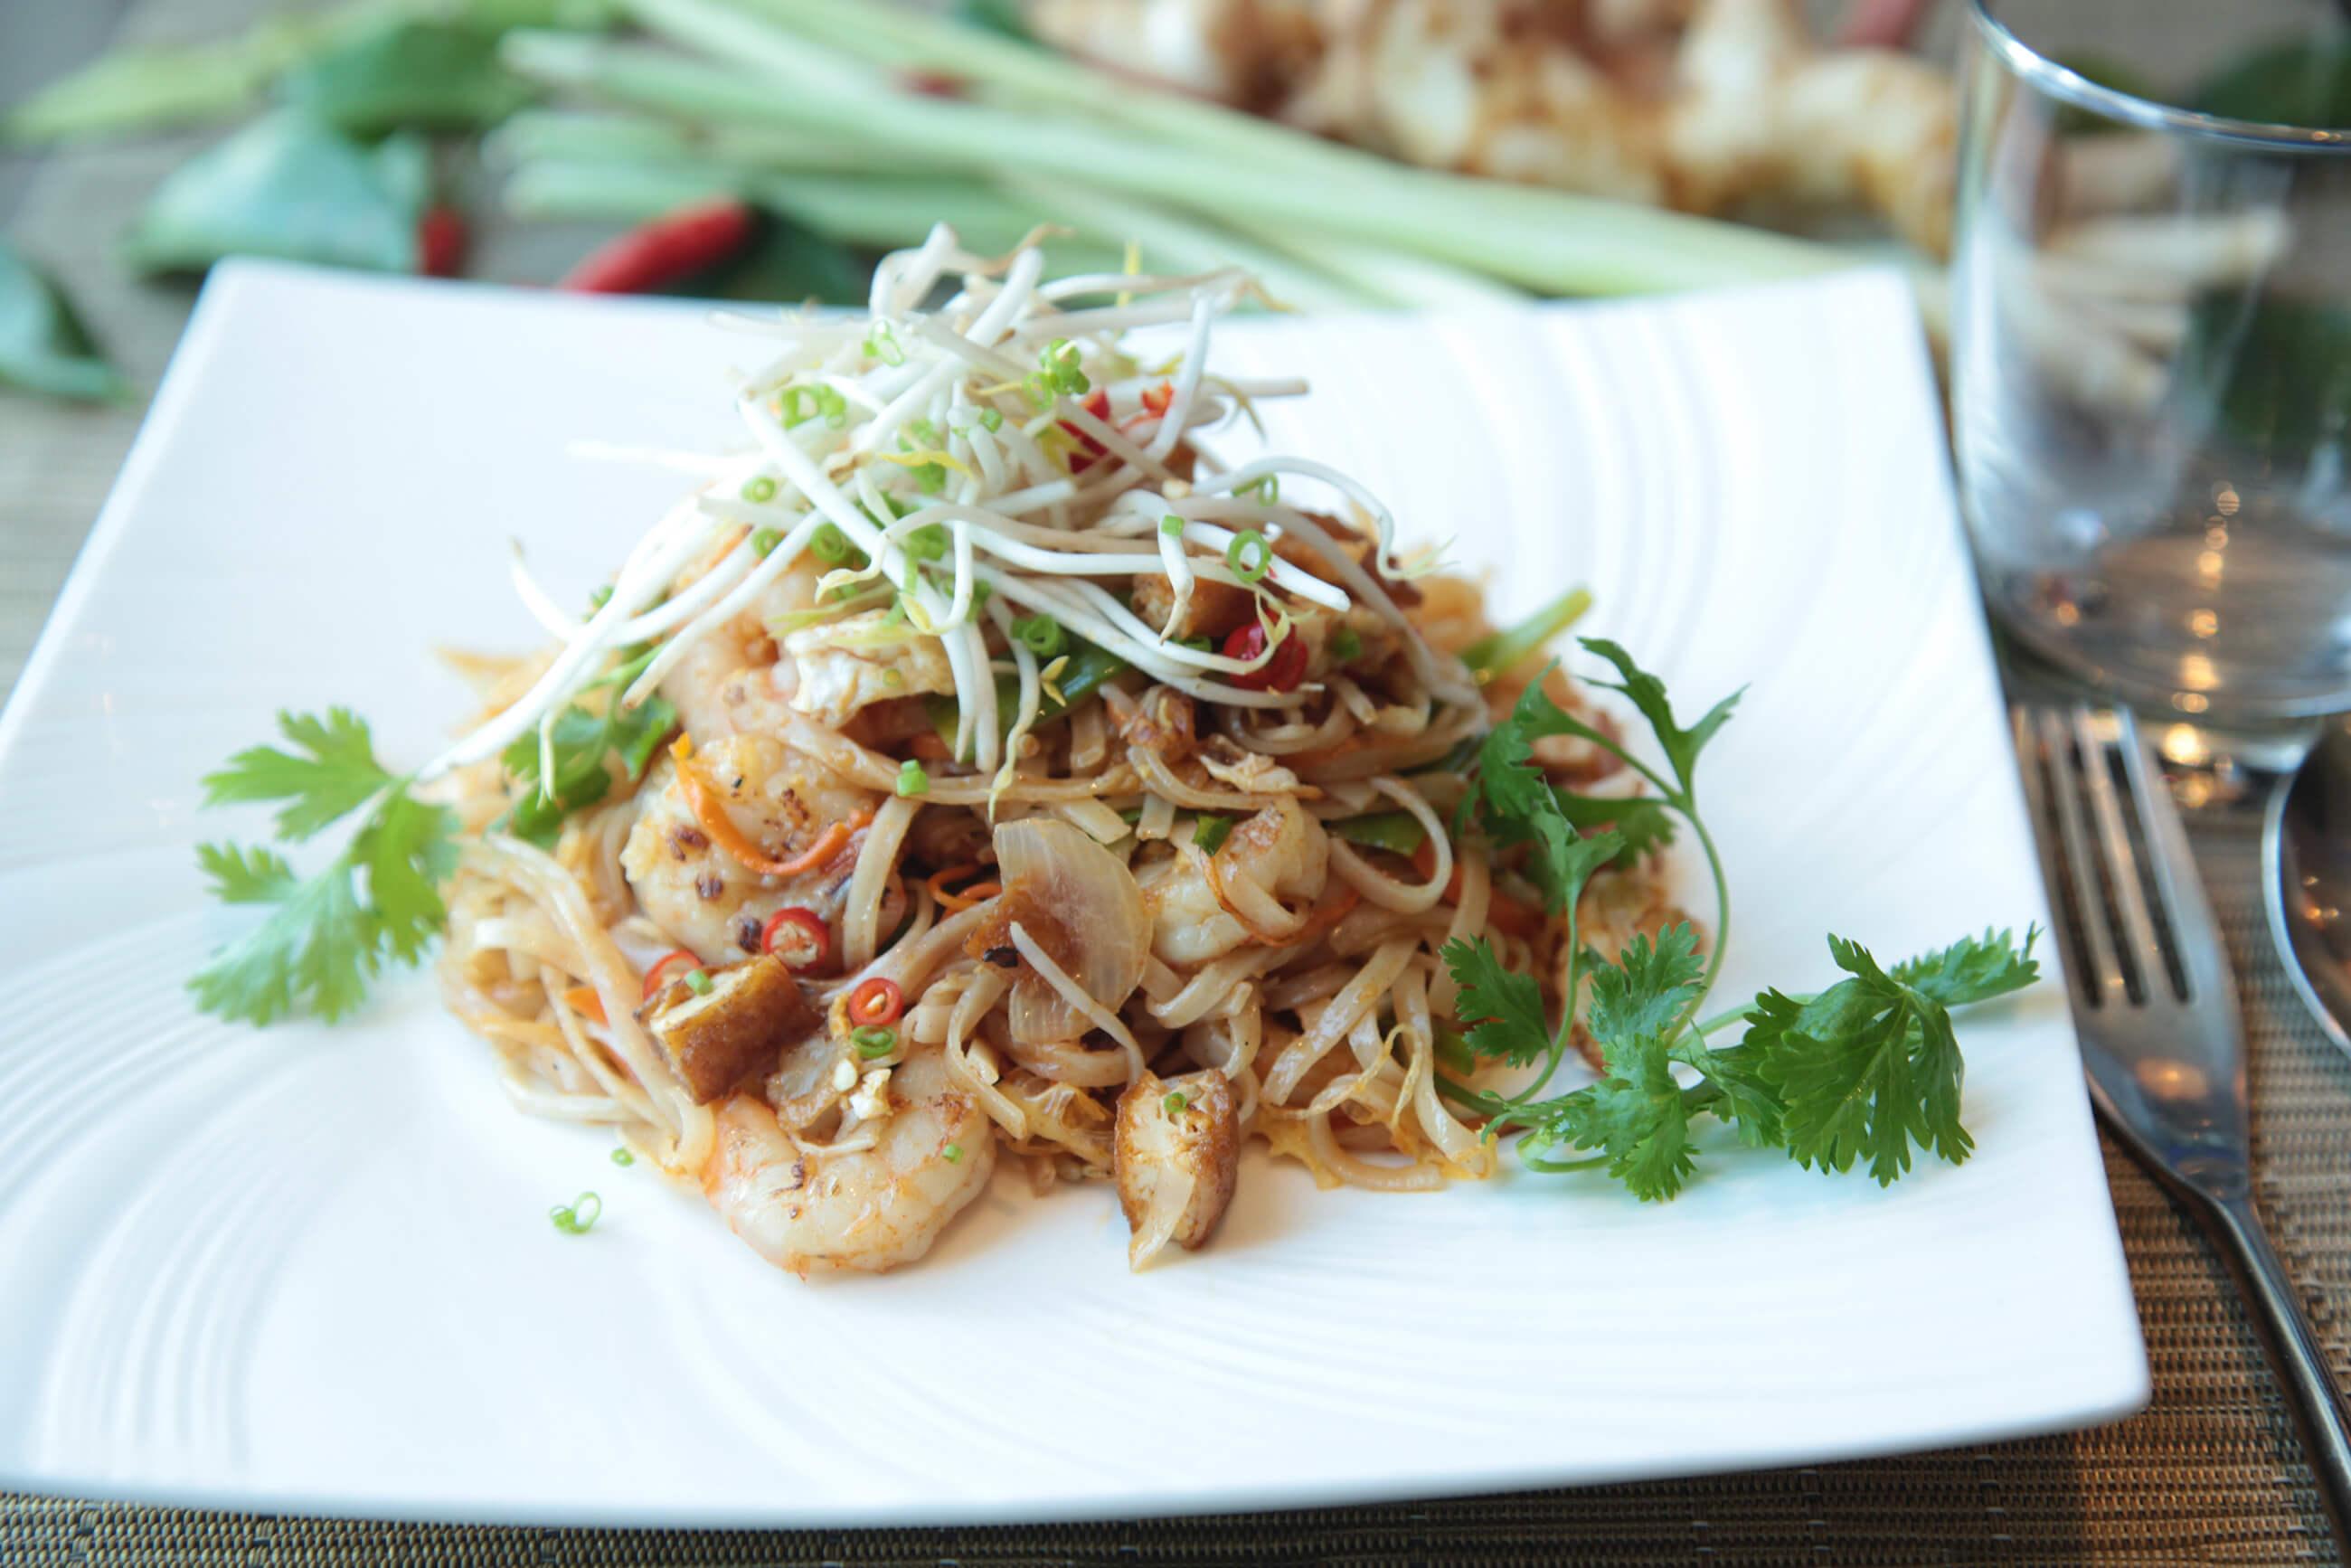 https://bubo.sk/uploads/galleries/5067/thajsko_kuchyna.jpg